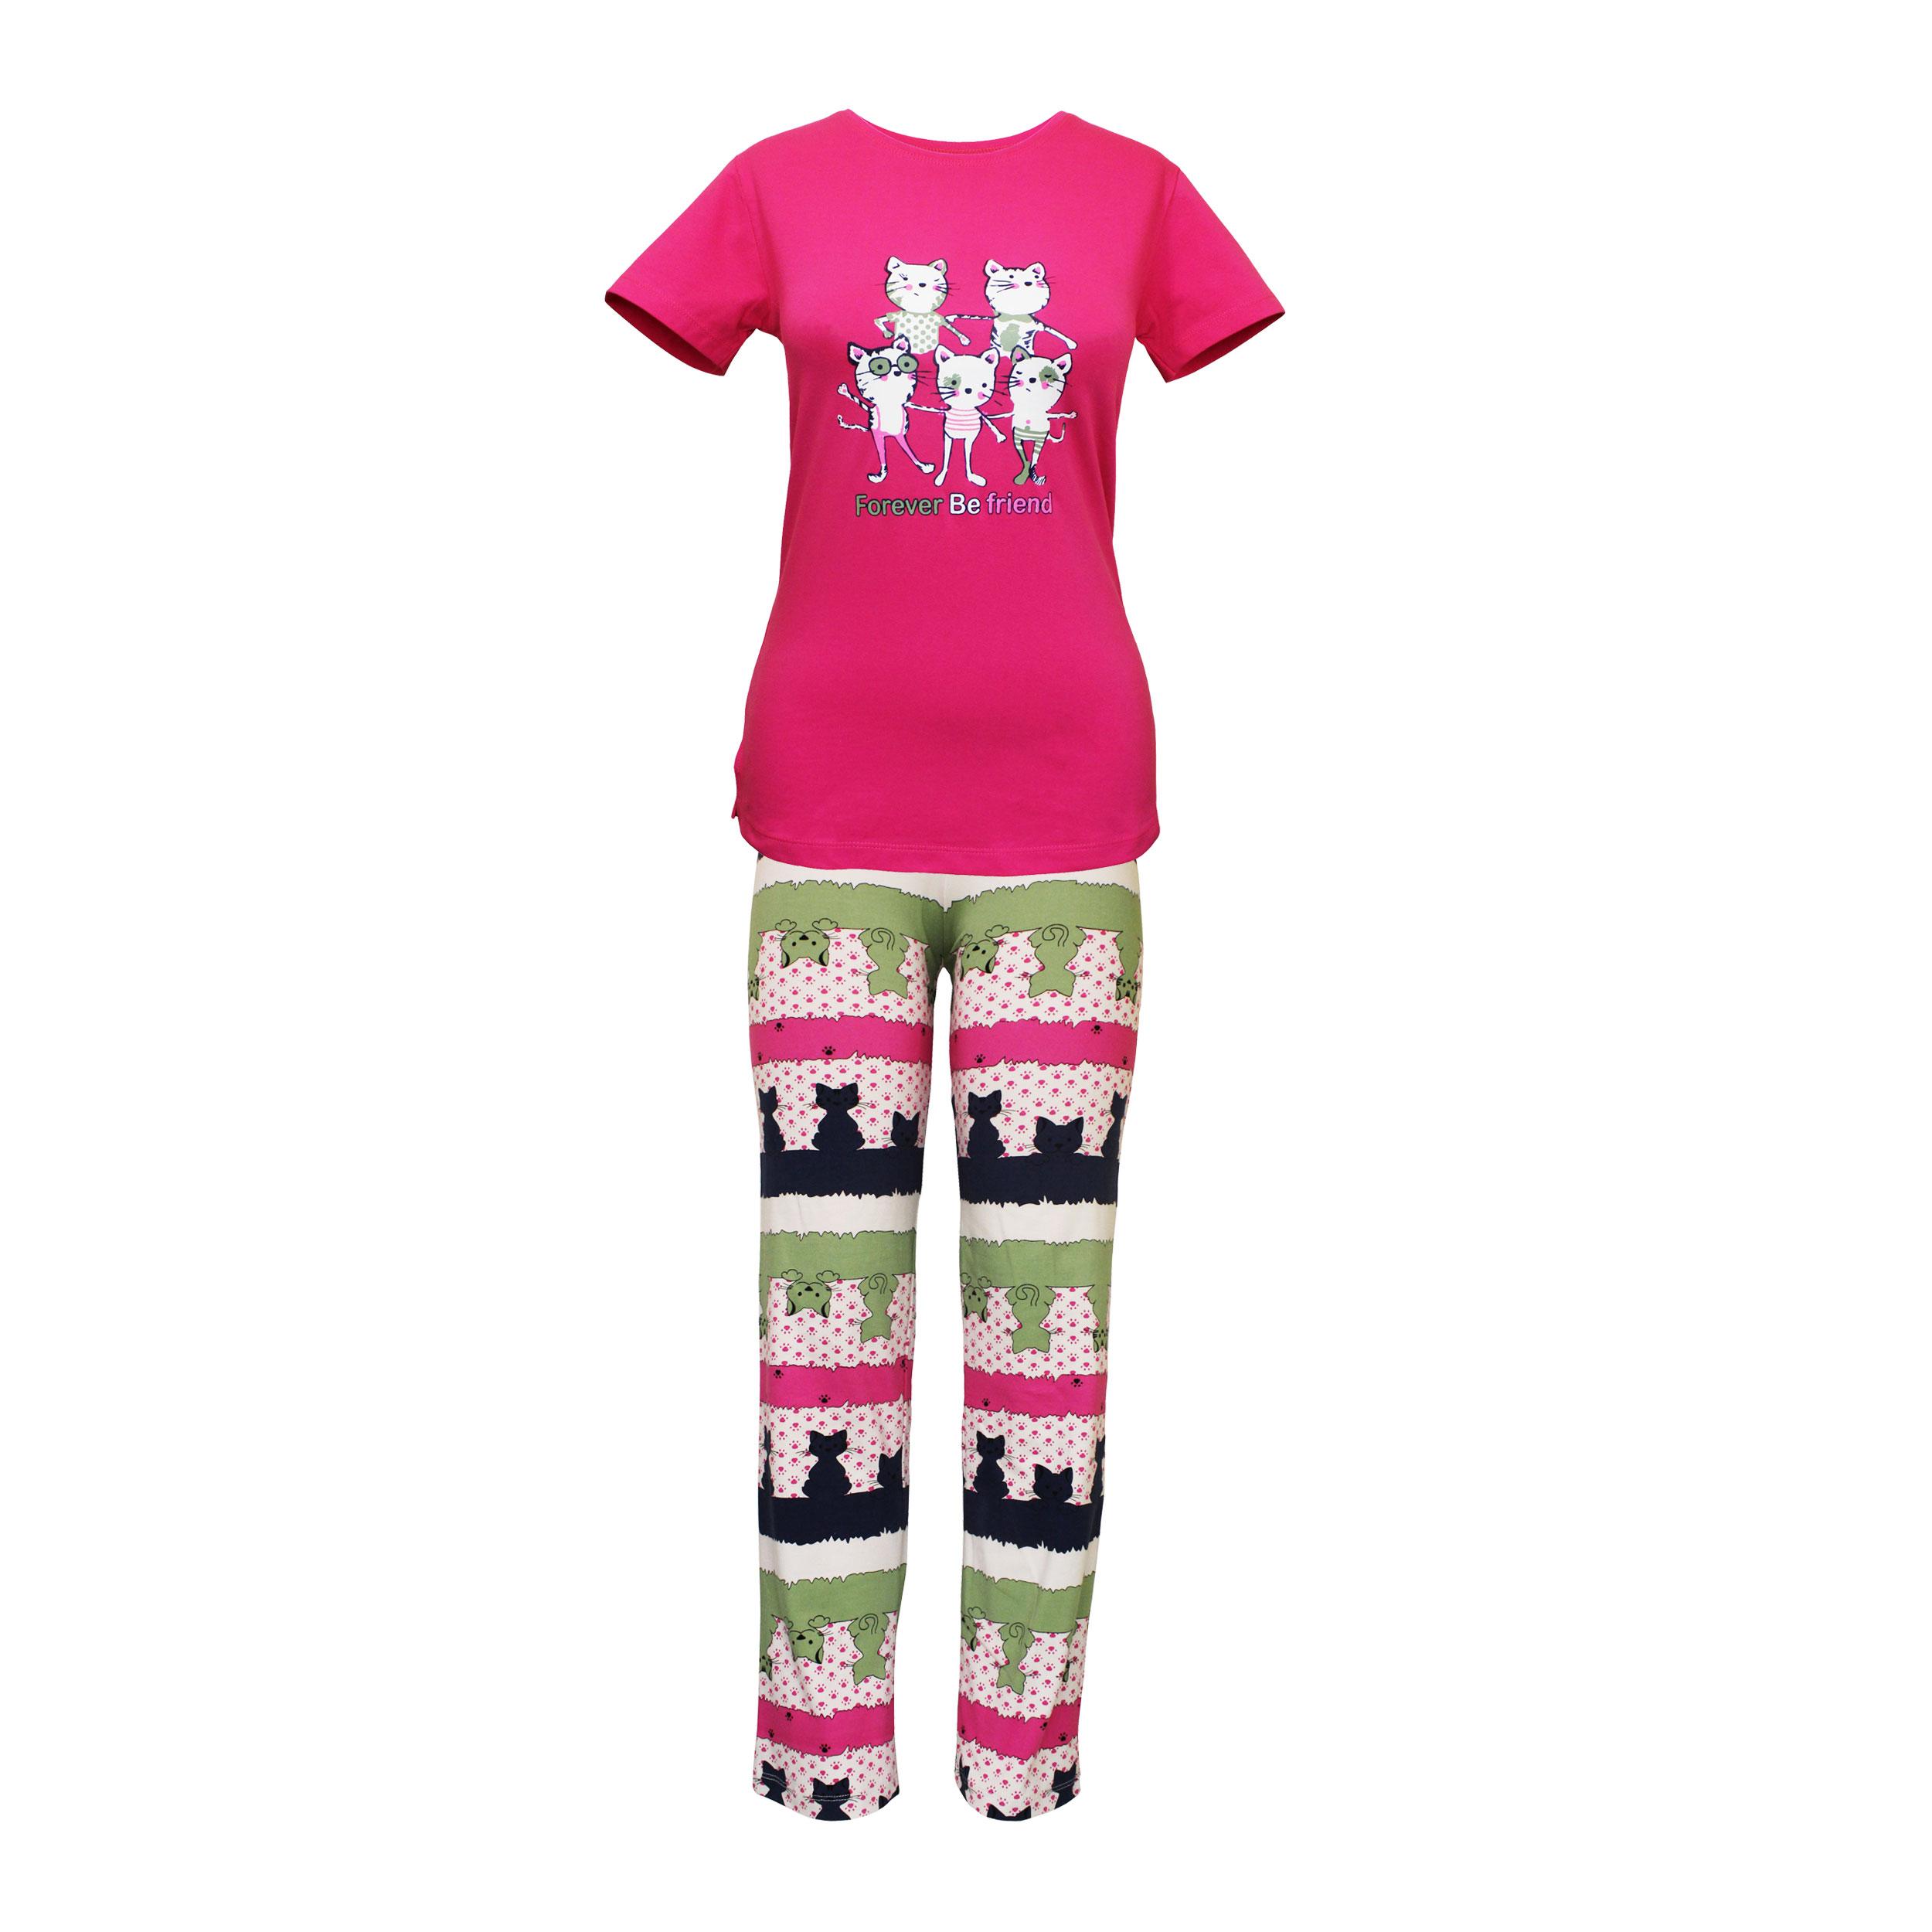 ست تی شرت و شلوار زنانه مدل FBFM 001